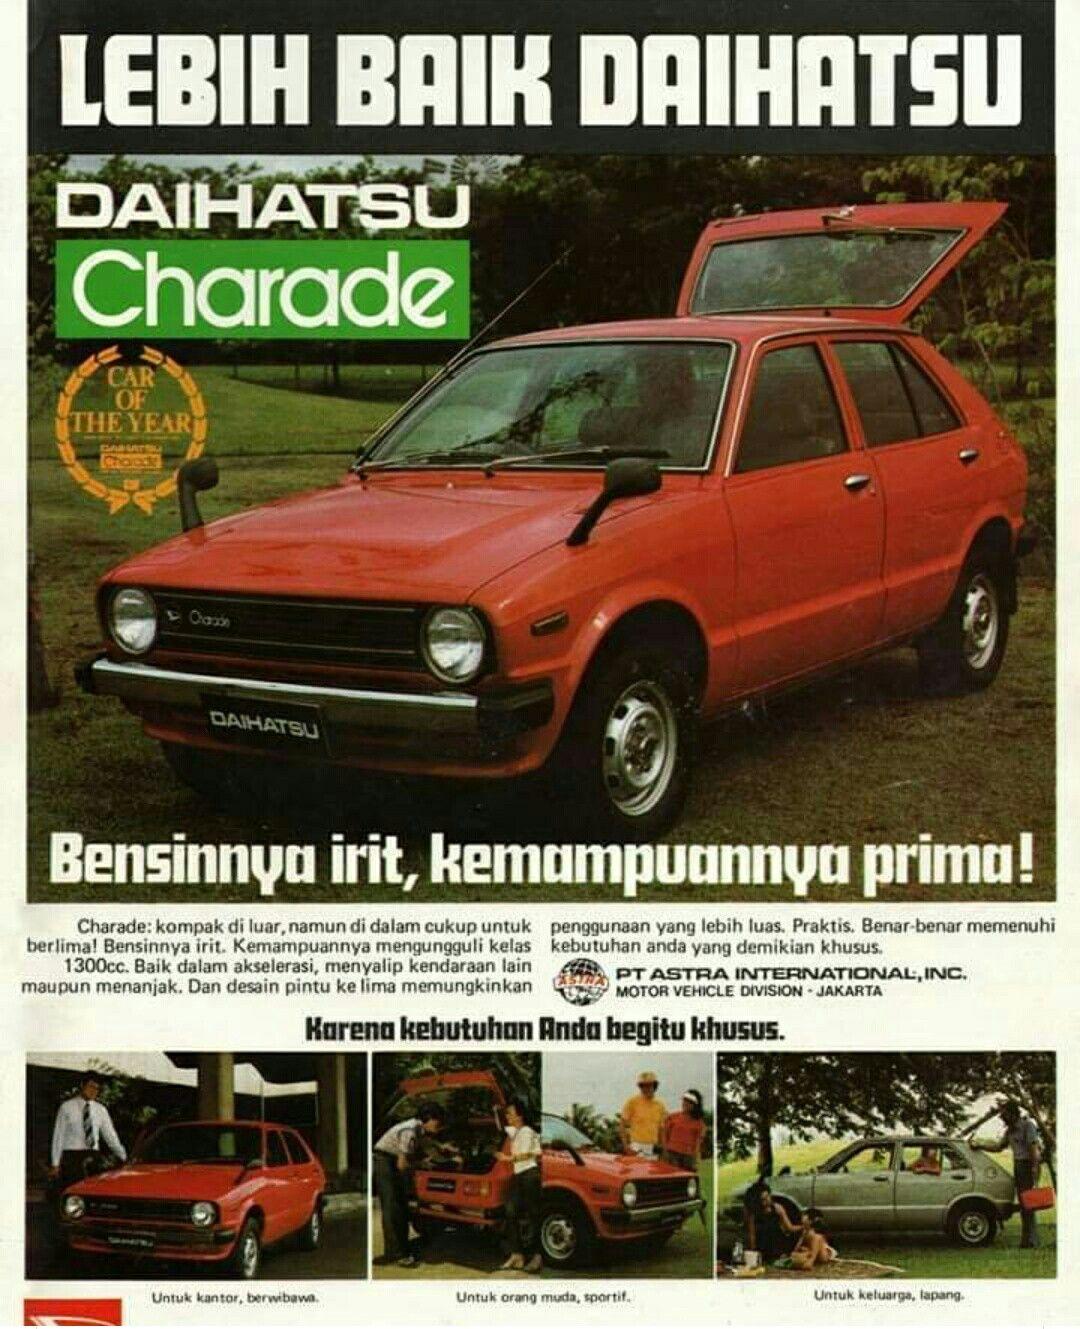 Daihatsu Charede Daihatsu Kendaraan Lima